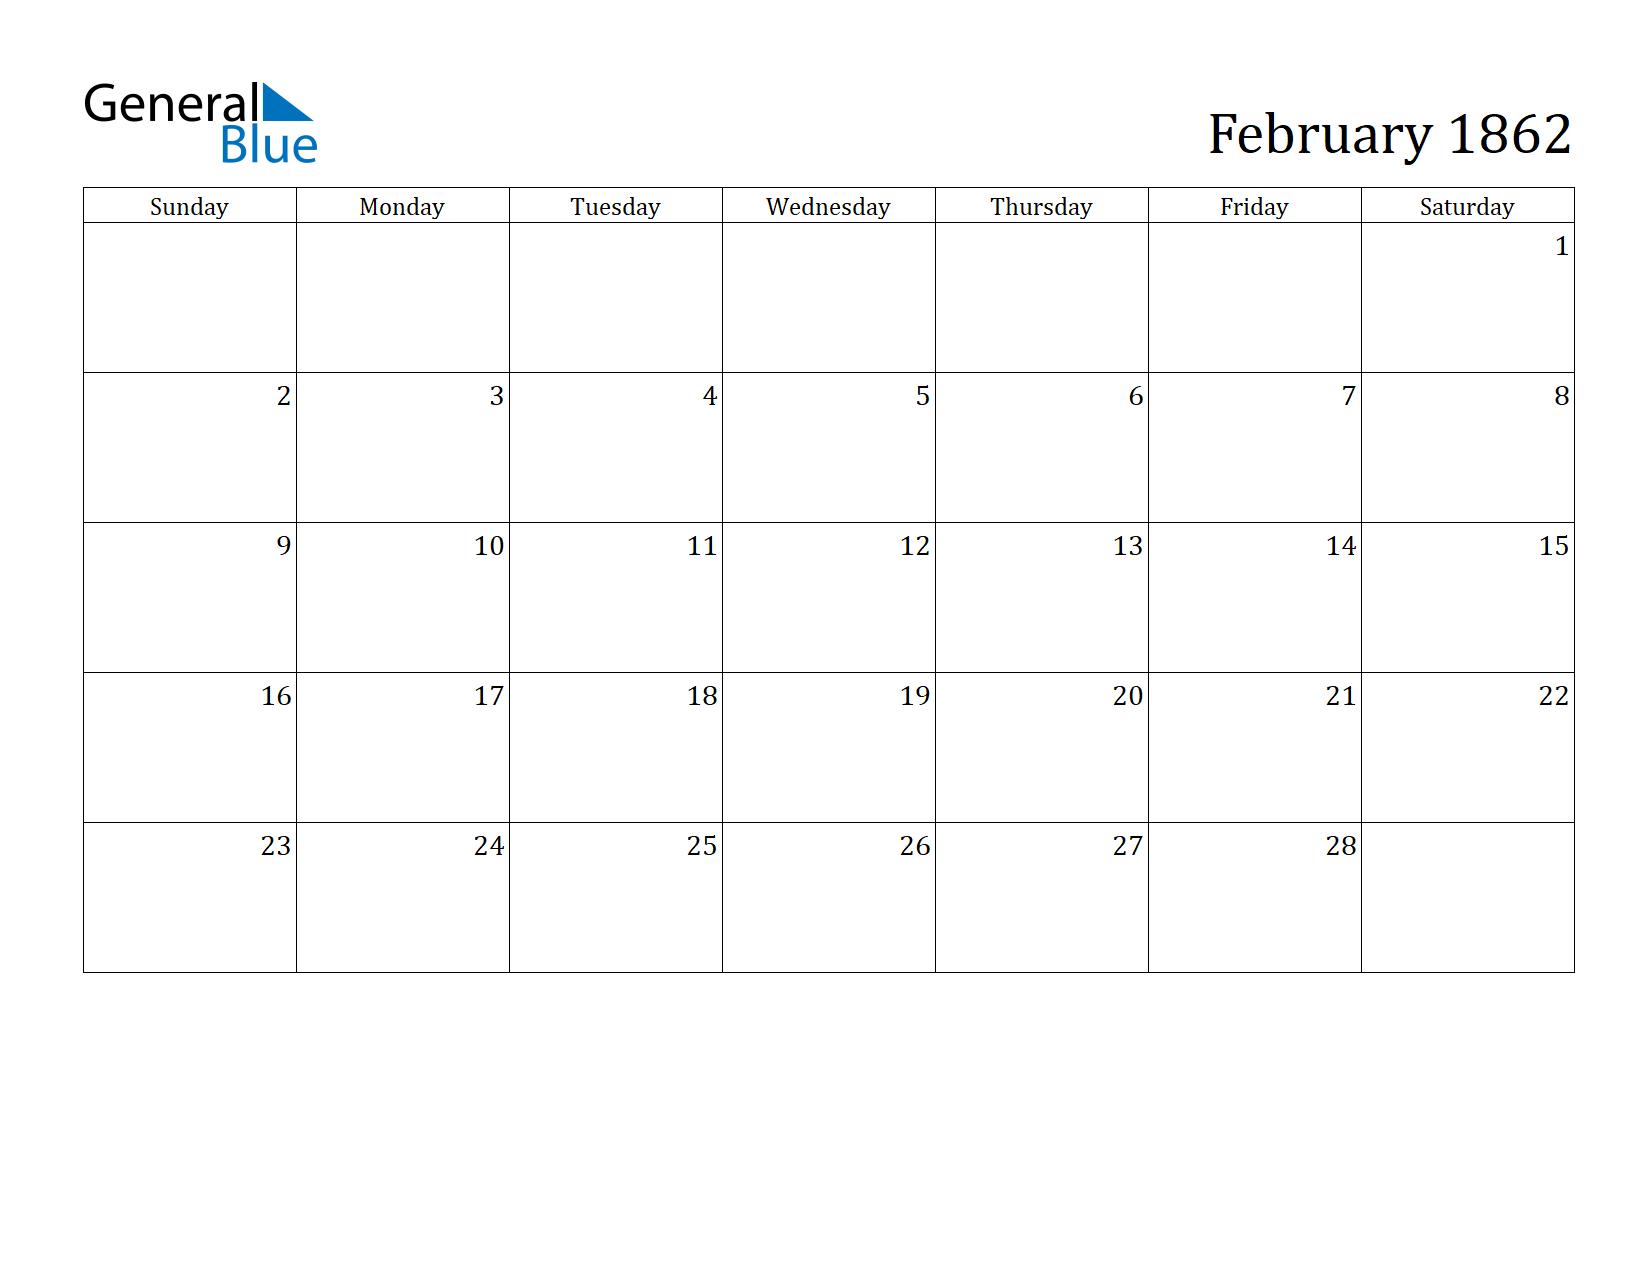 Image of February 1862 Calendar